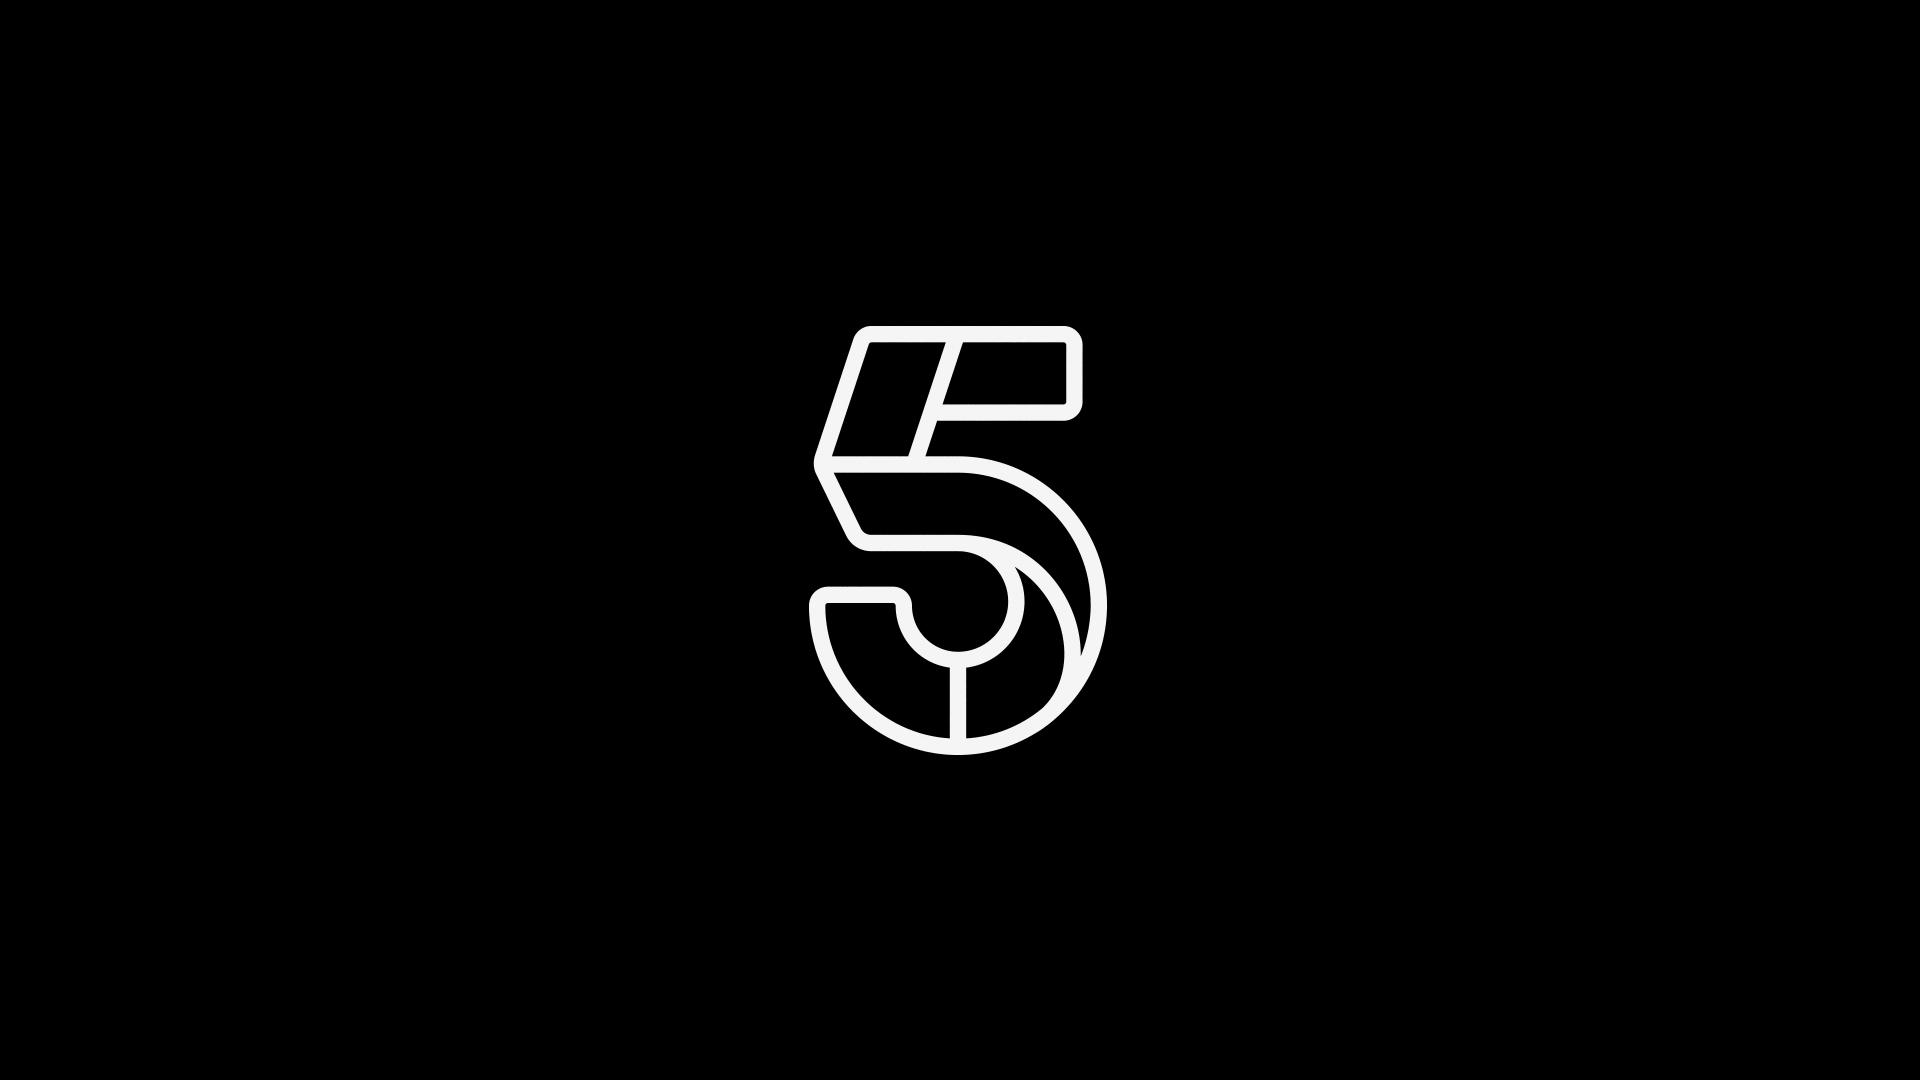 5_Logo_Stroked_01.jpg